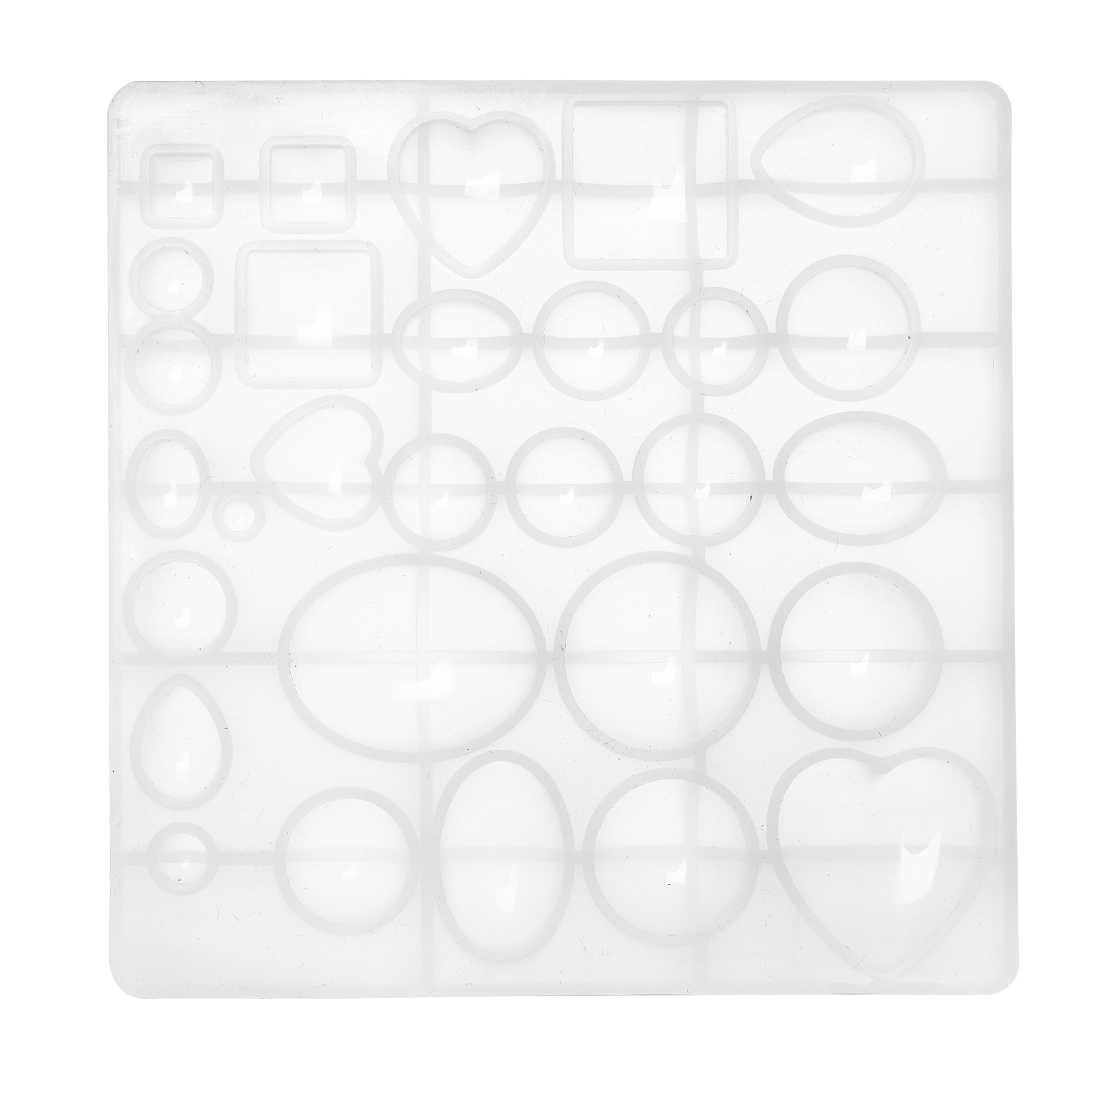 ซิลิโคนเรซินแม่พิมพ์หล่อรอบรูปไข่รูปหัวใจอีพ็อกซี่แม่พิมพ์สำหรับ DIY เรซิ่นหัตถกรรมเครื่องประดับผลการค้นหาอุปกรณ์เสริม 5 รูปร่าง